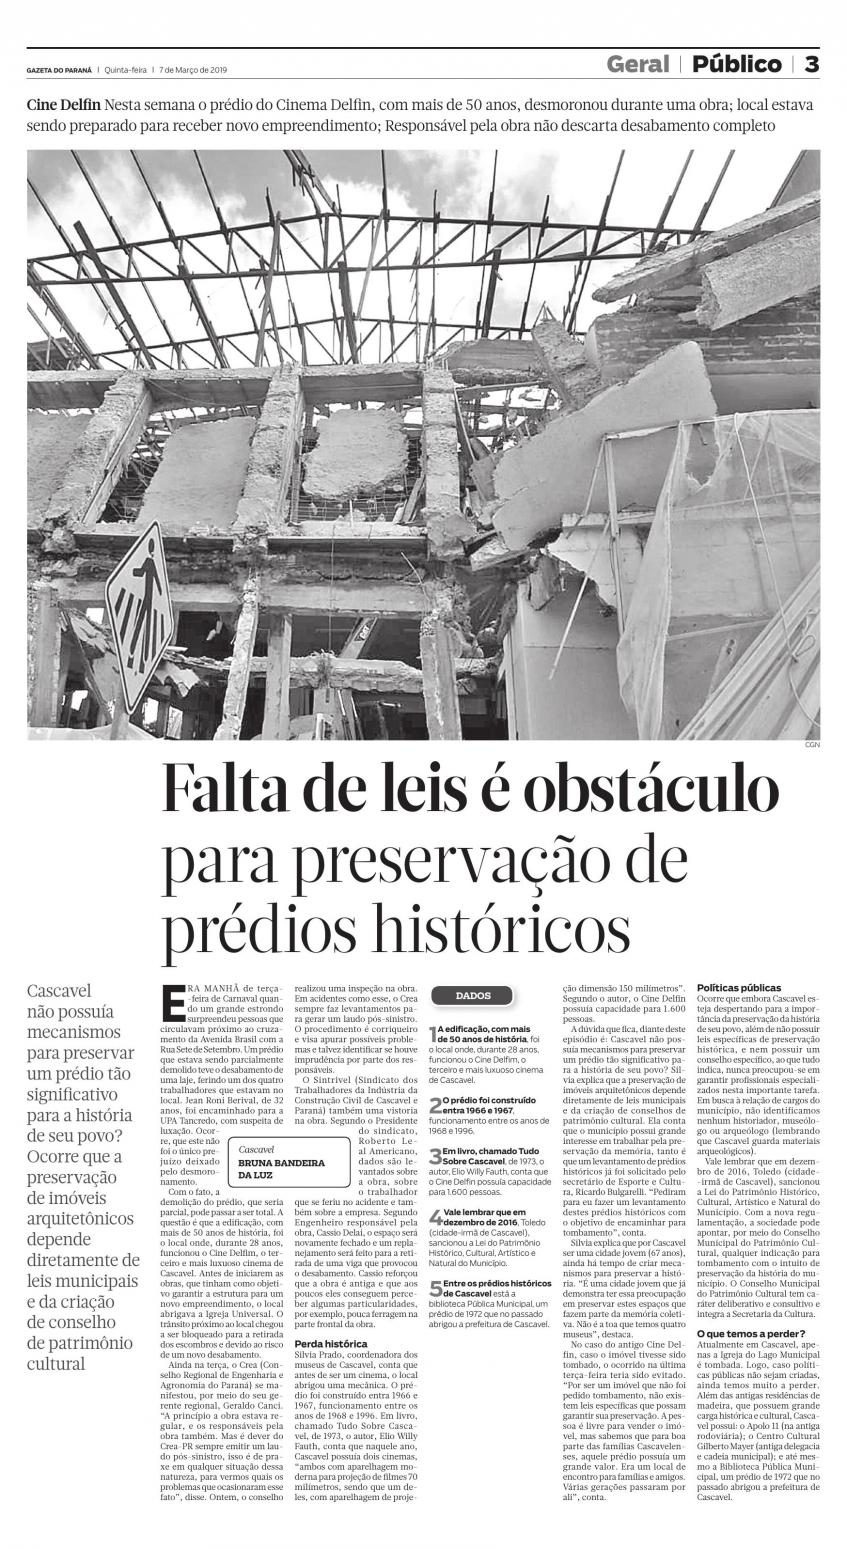 #PraTodosVerem - Matéria de página inteira sobre a falta de leis para preservação de prédios históricos